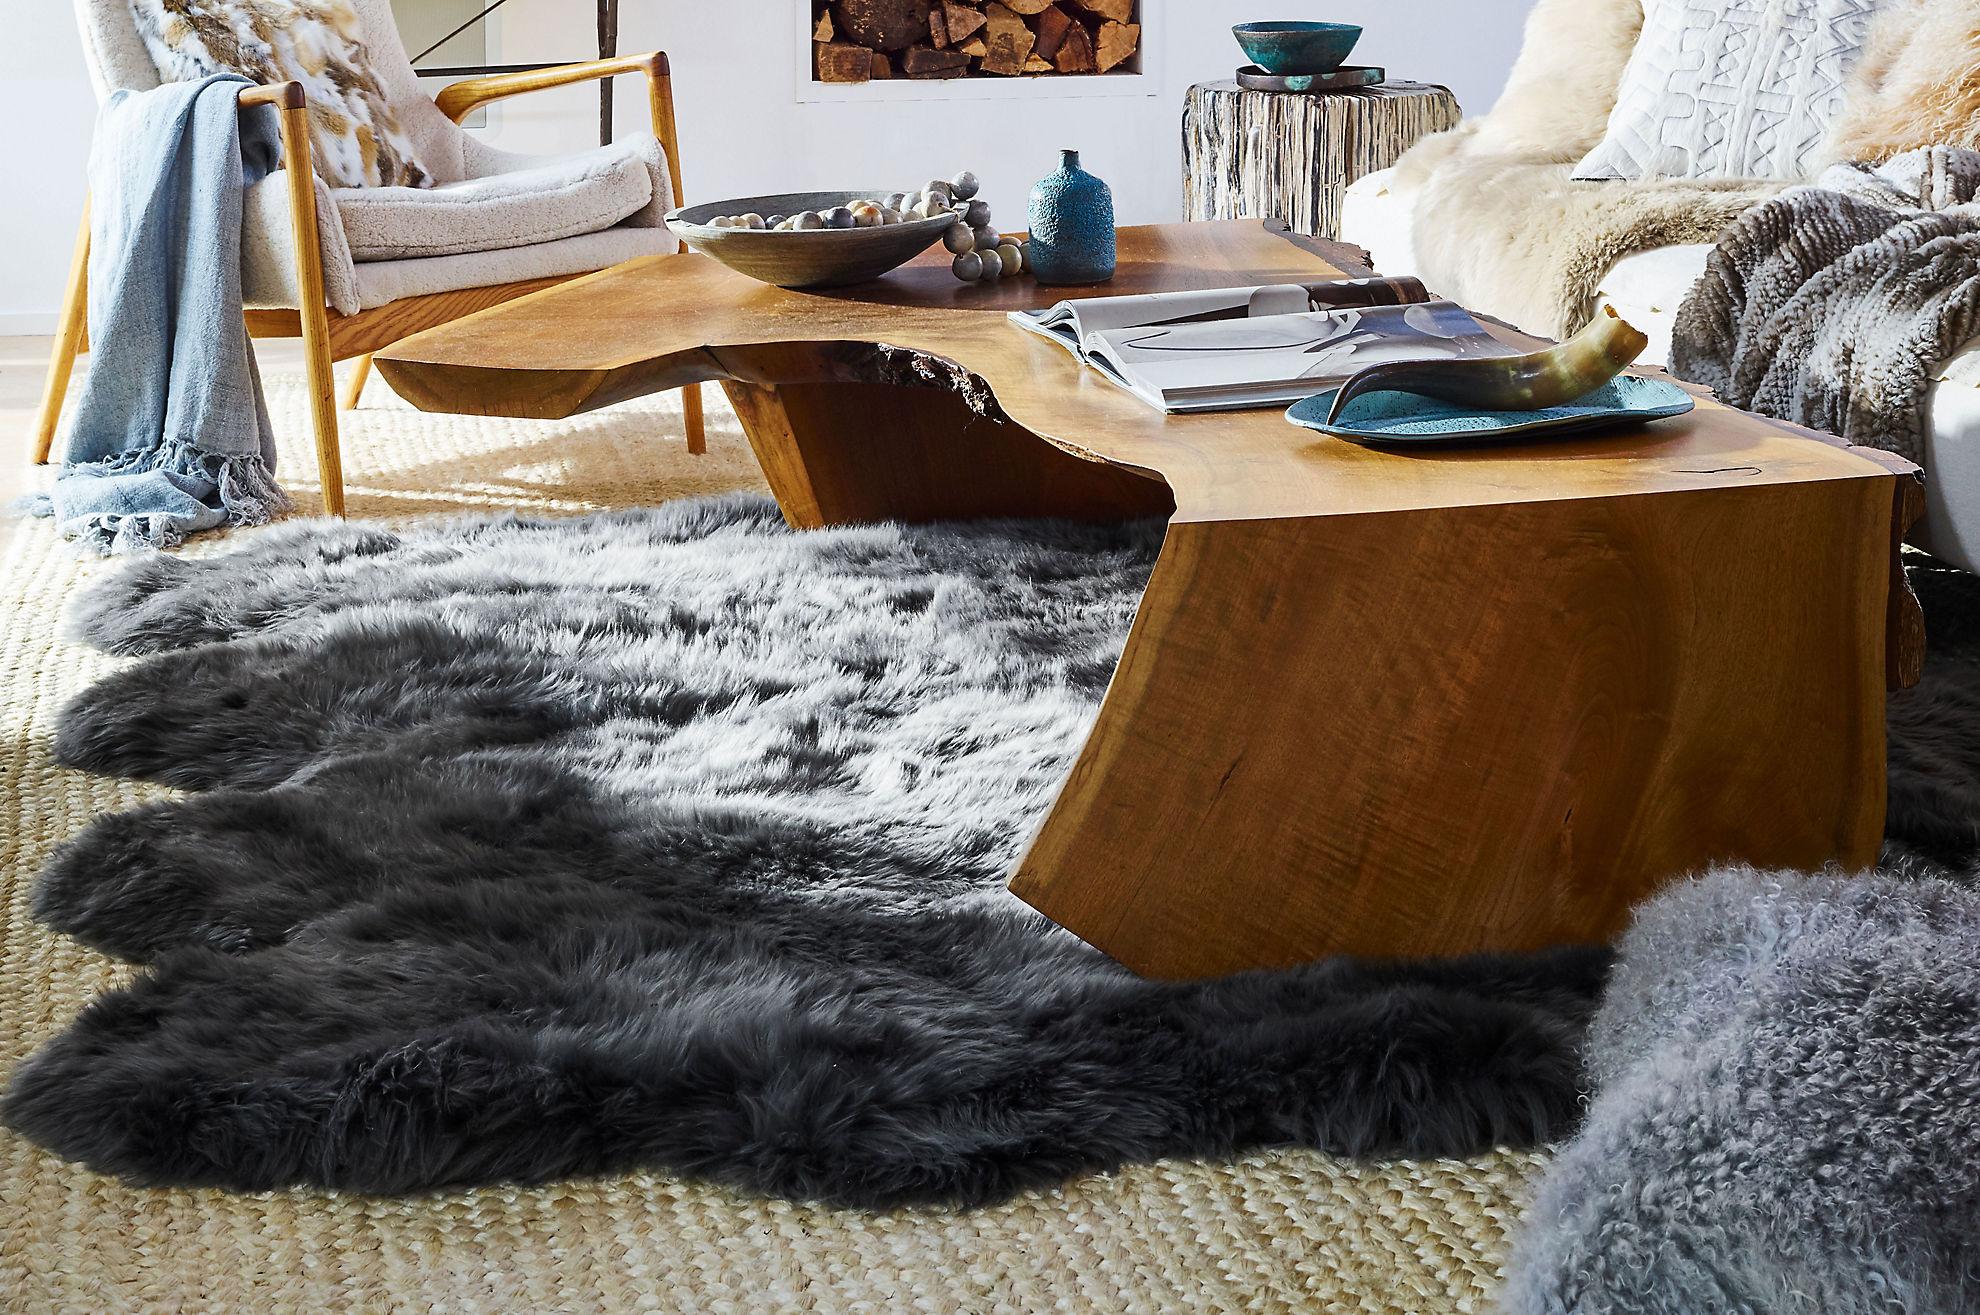 8-Pelt (6' x 7') Premium Australian Sheepskin Area Rug